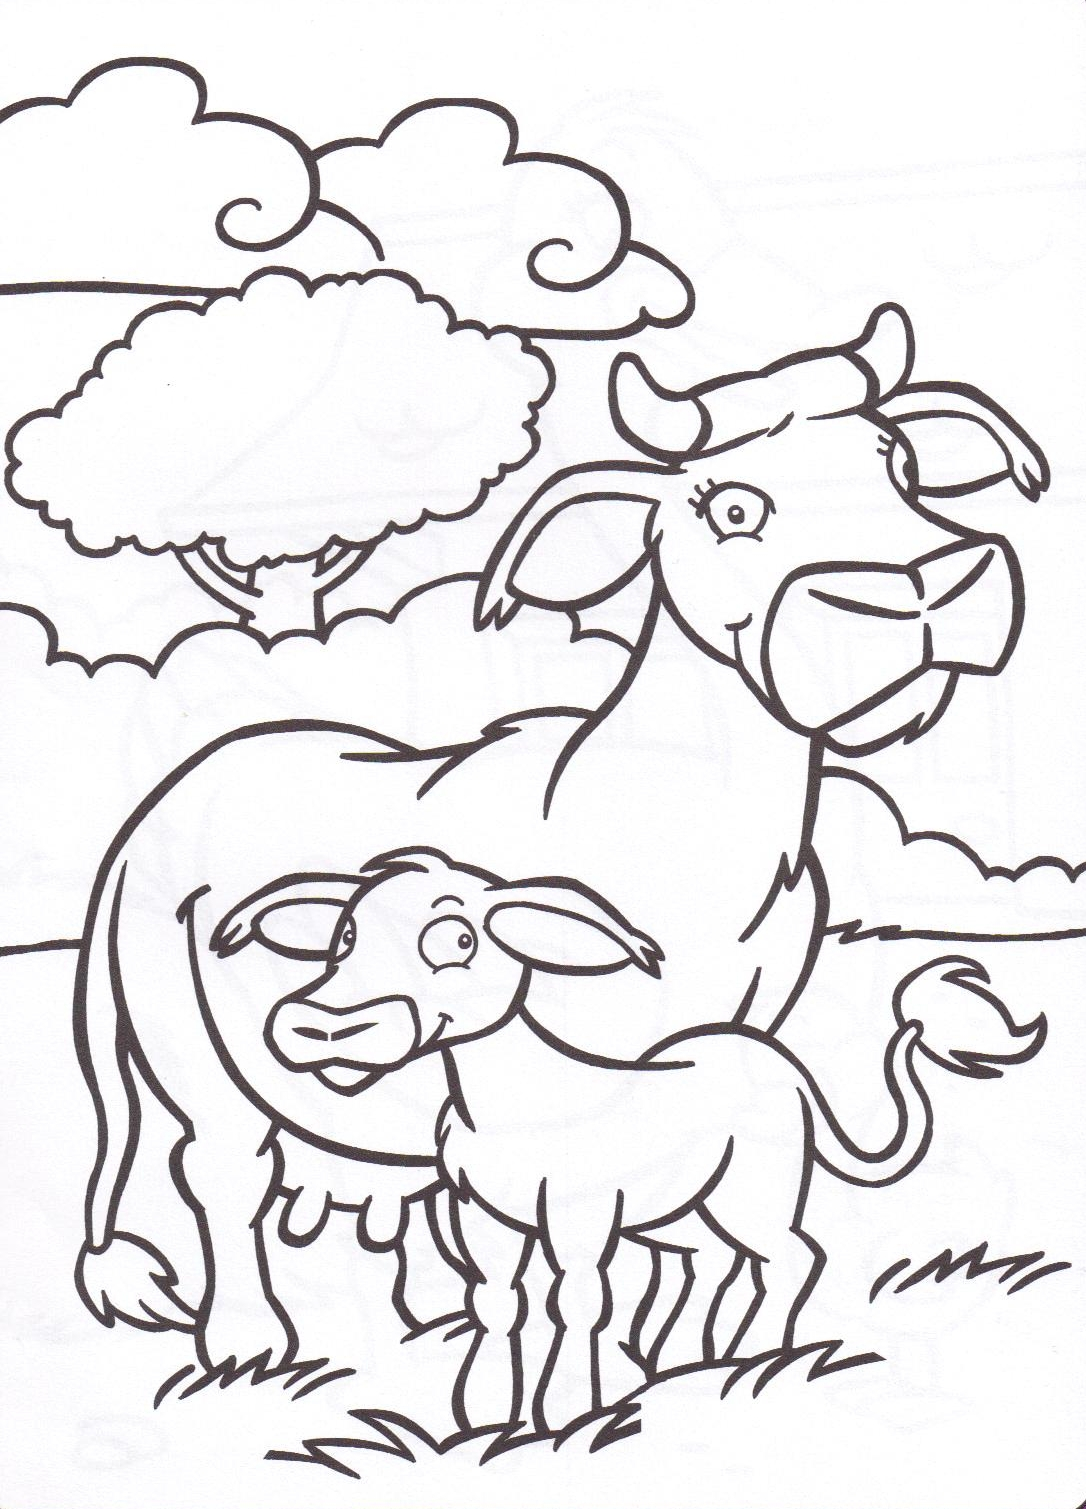 Génial Coloriage De Vache Et Veau A Imprimer Imprimer Et Obtenir